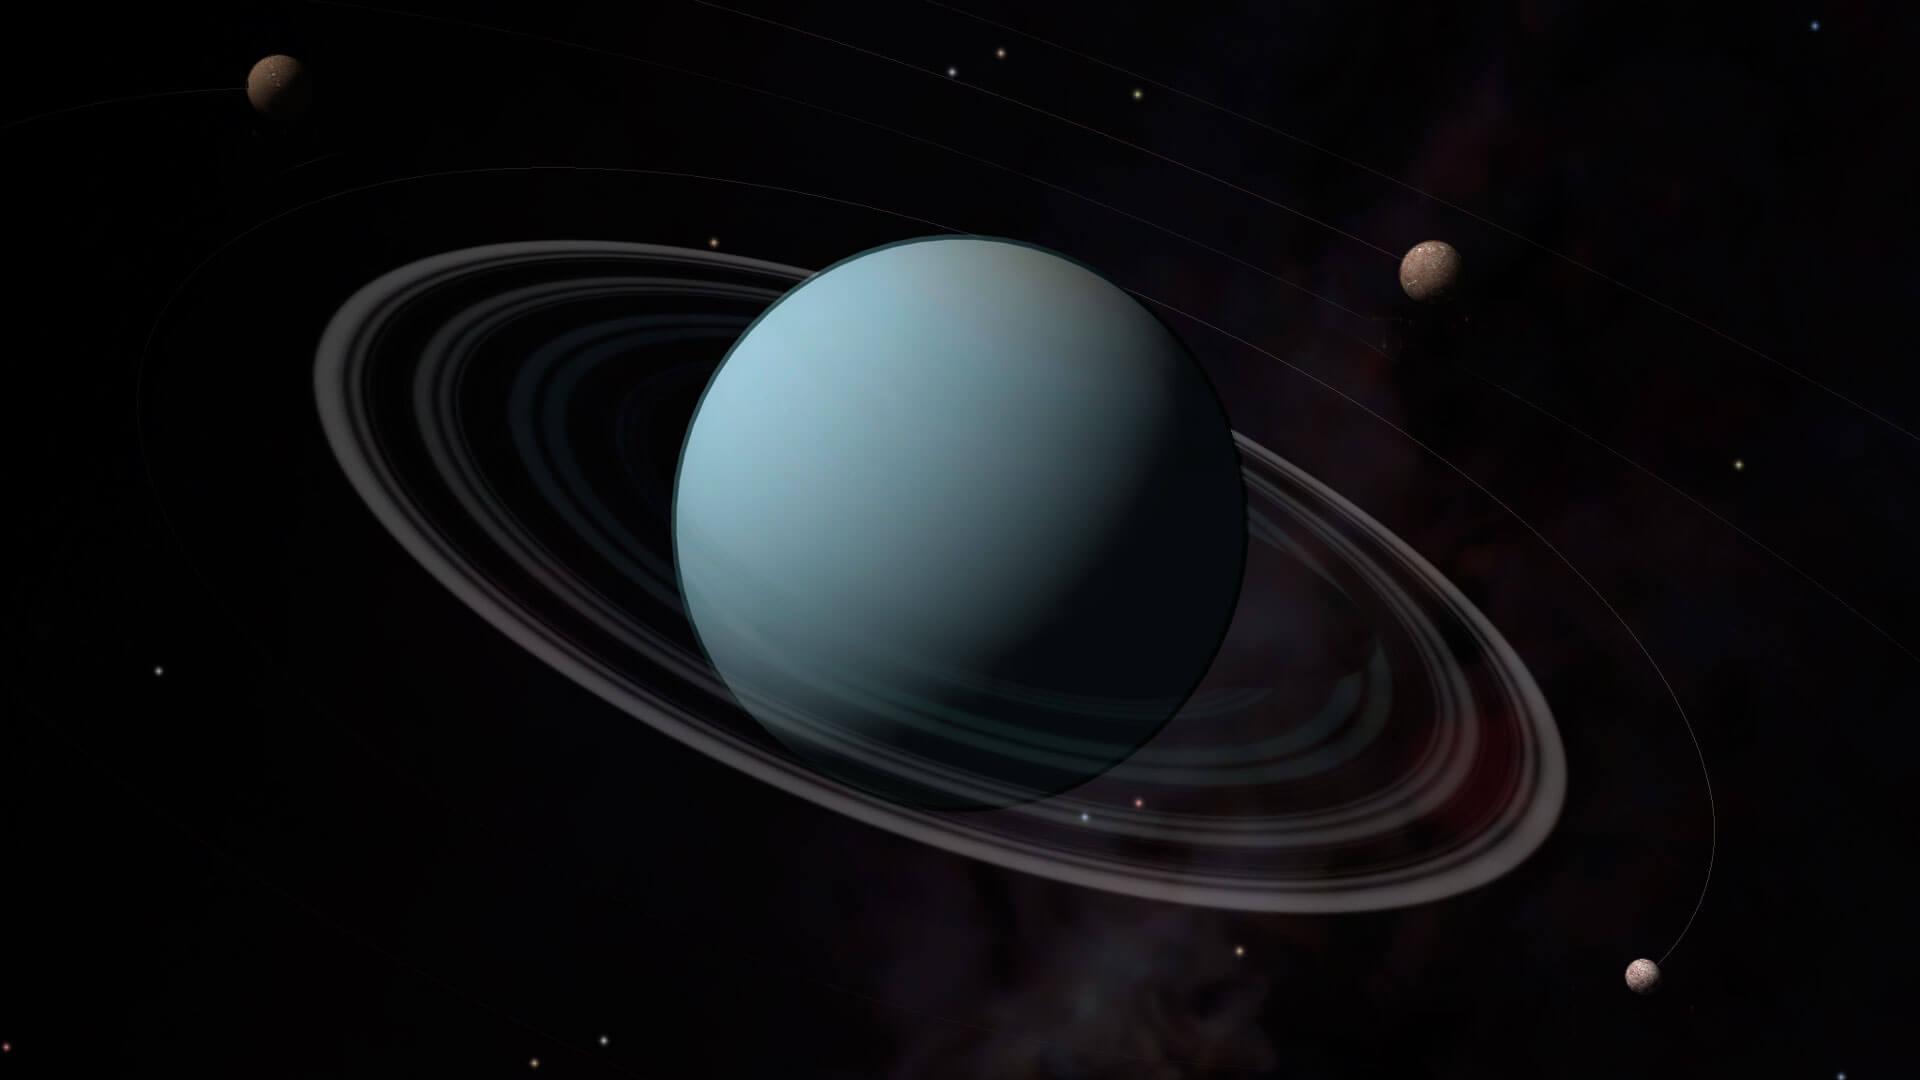 Urano Zona 2 del Cerebro (Infierno / Emoción-negativa-enferma)